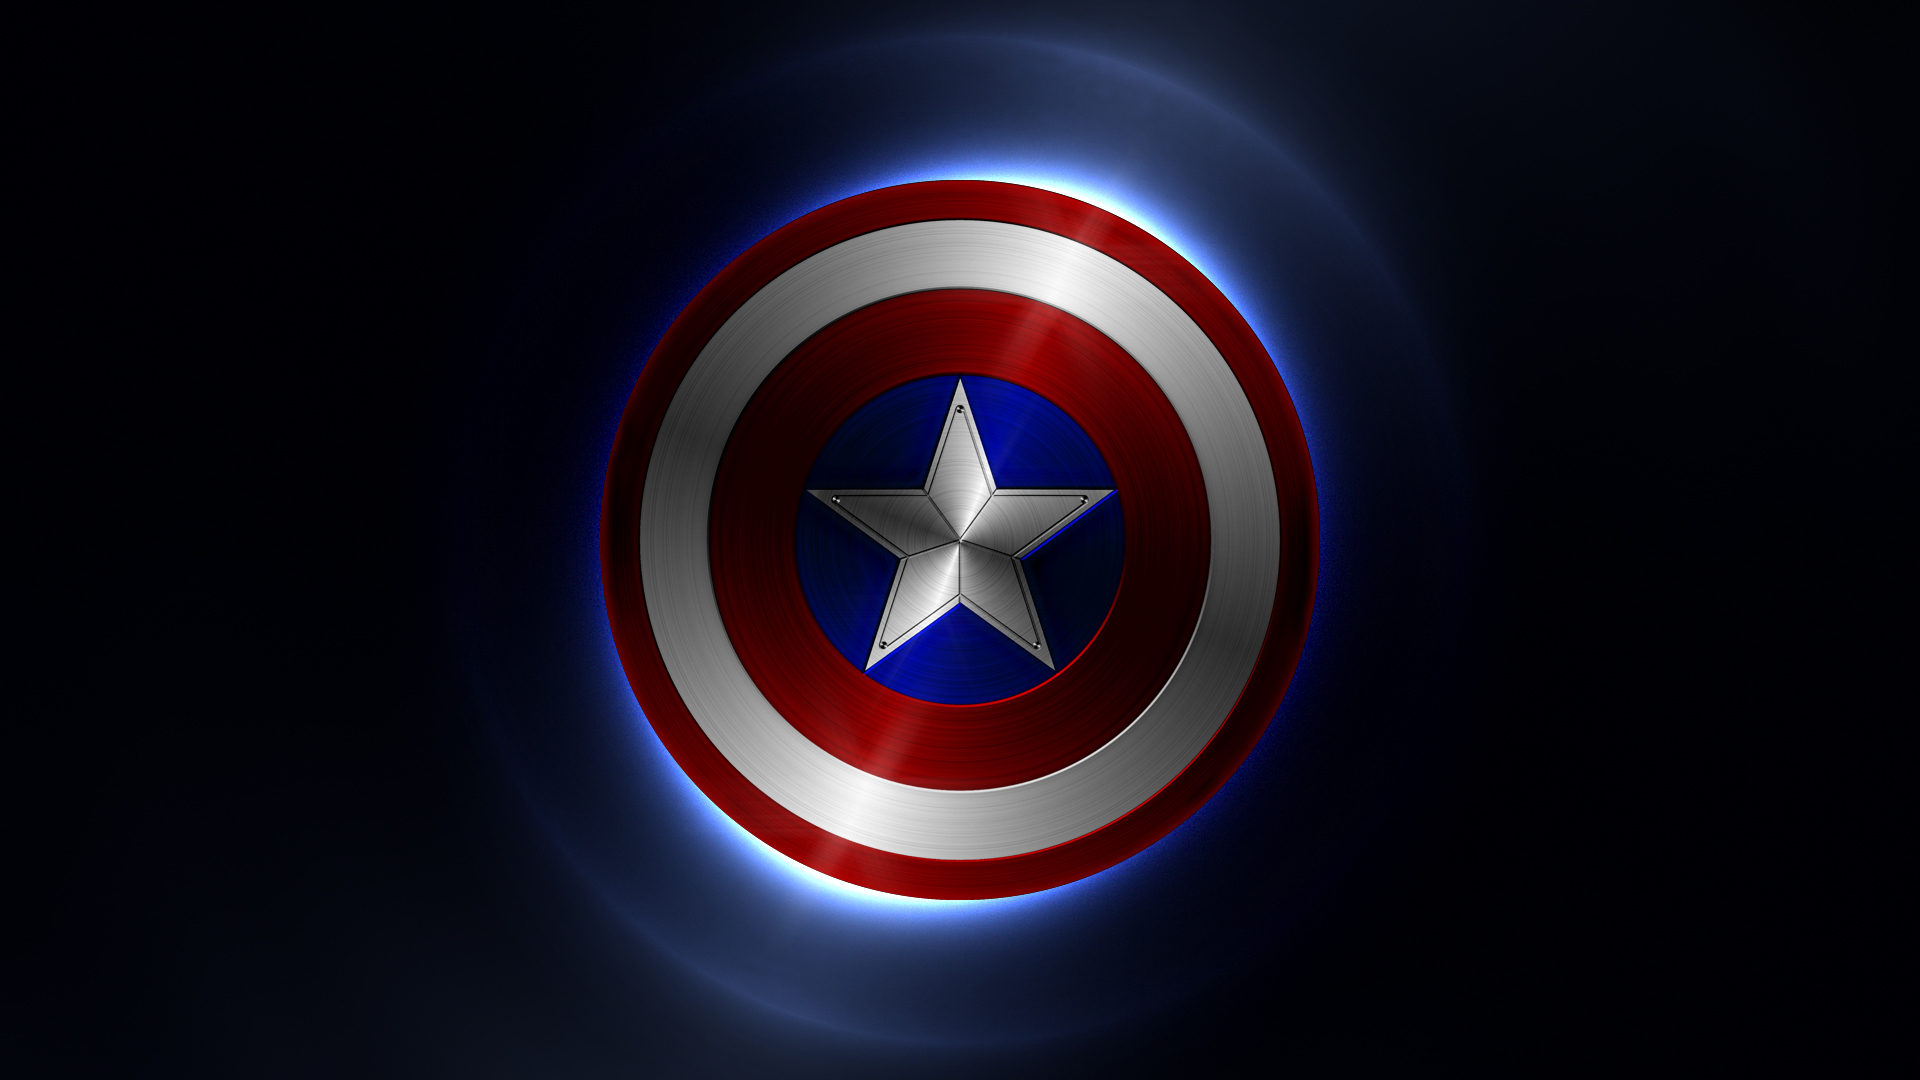 Captain America Widescreen